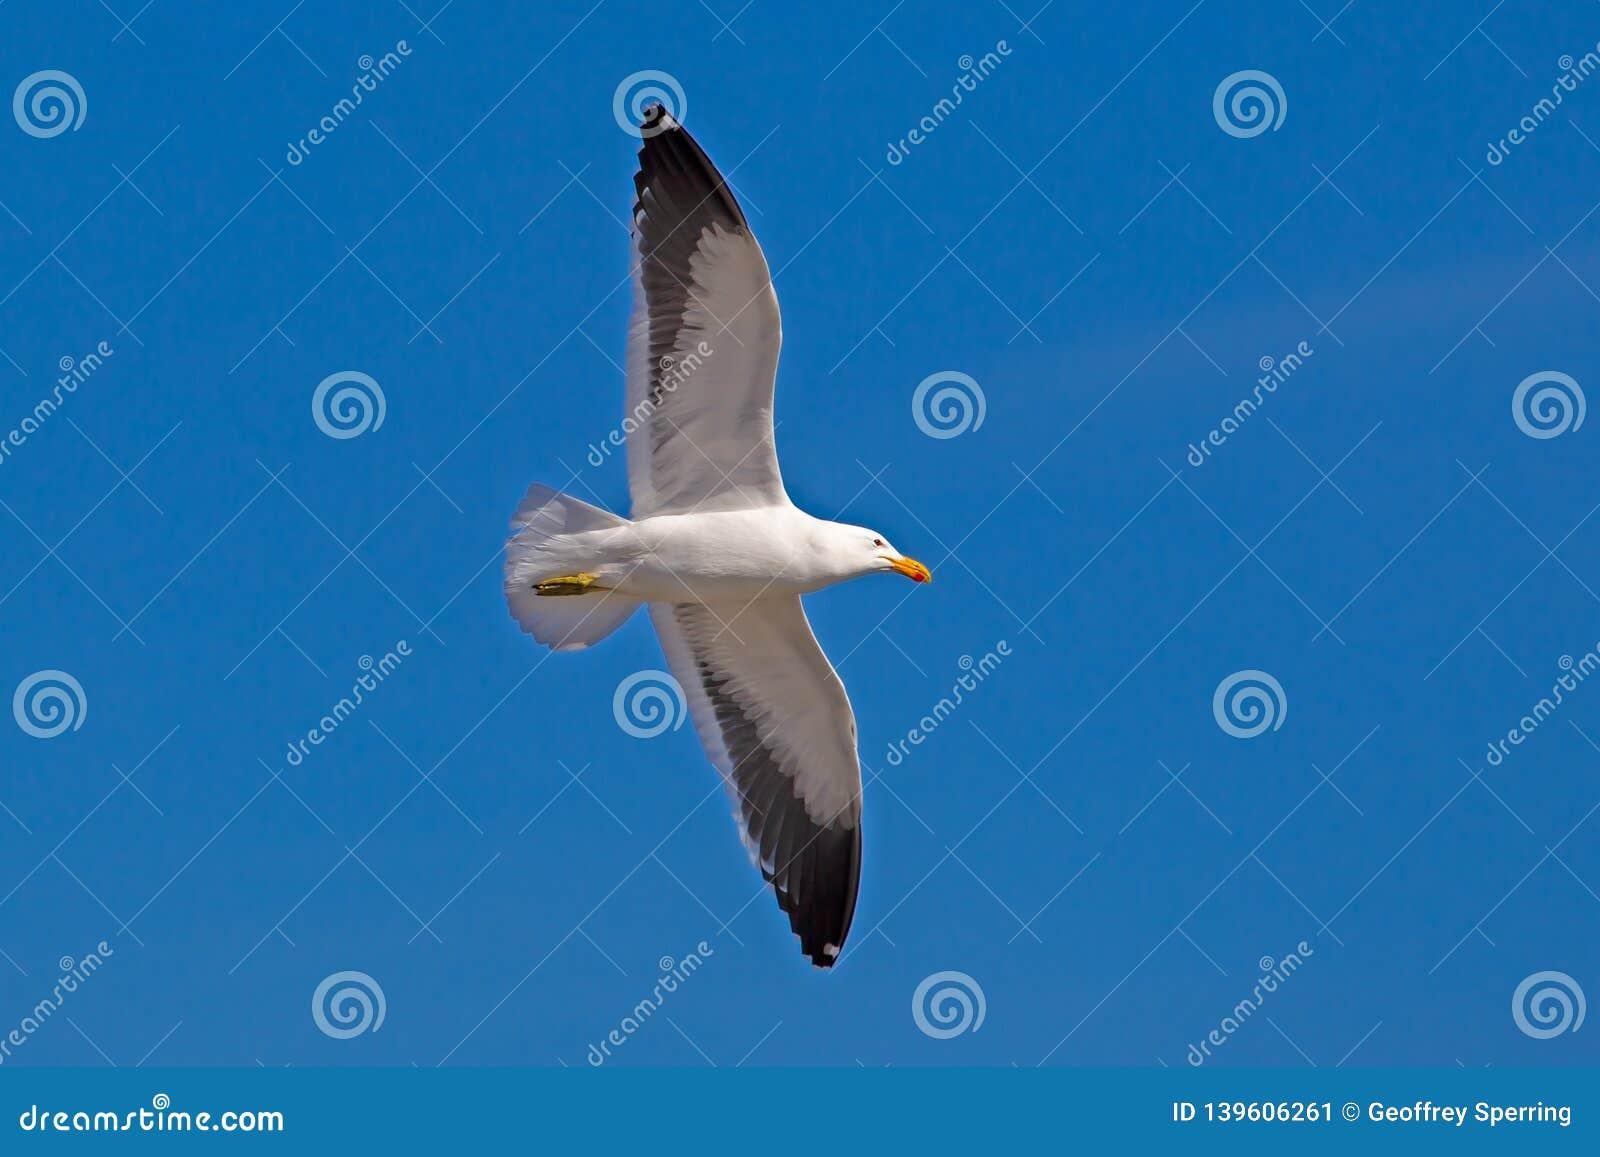 Flying Kelp Seagull in clear sky